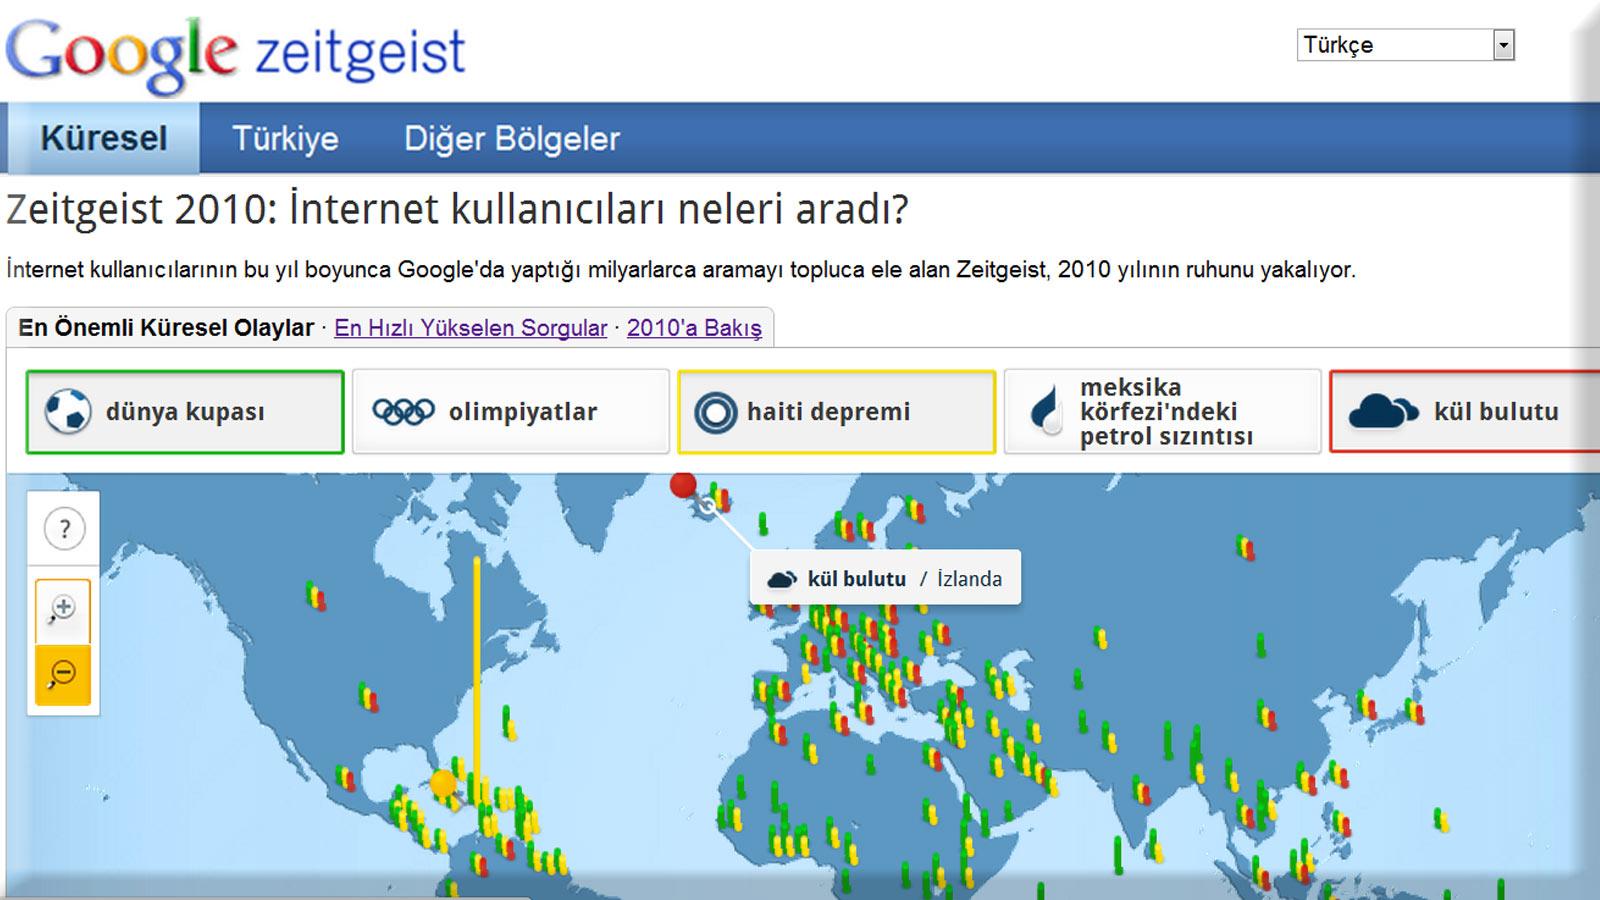 Google Zeitgeist 2010 Değerlendirmesi